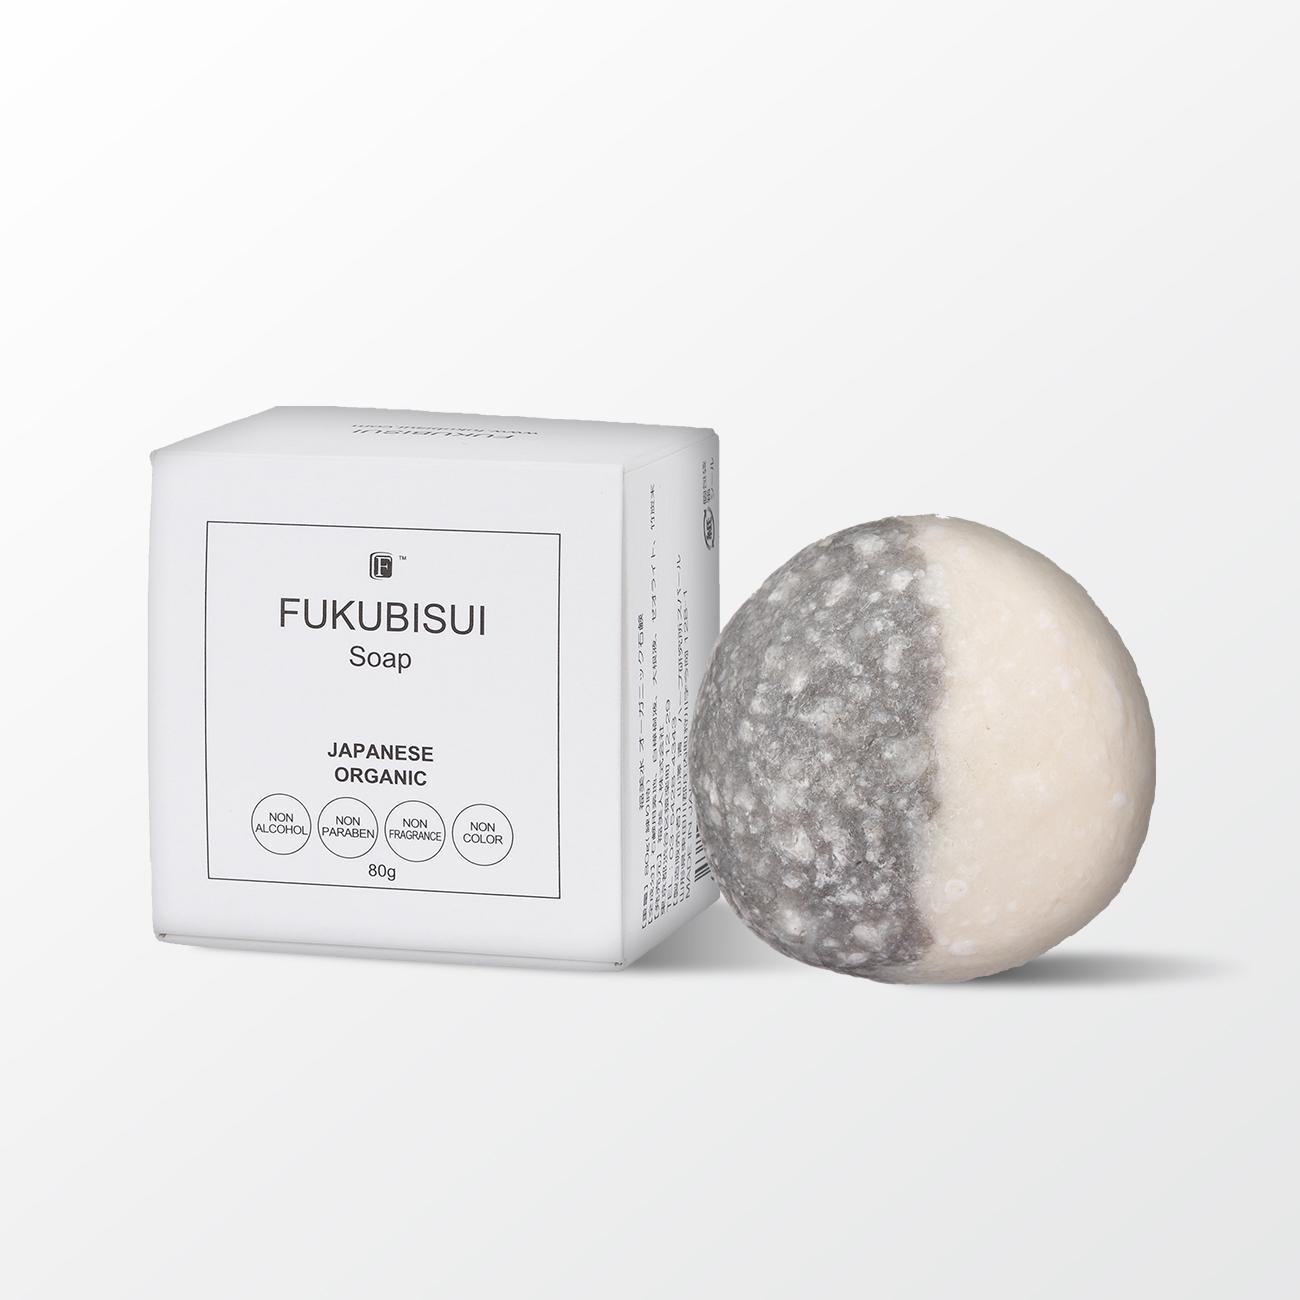 福美水 FUKUBISUI ダイコンソープ